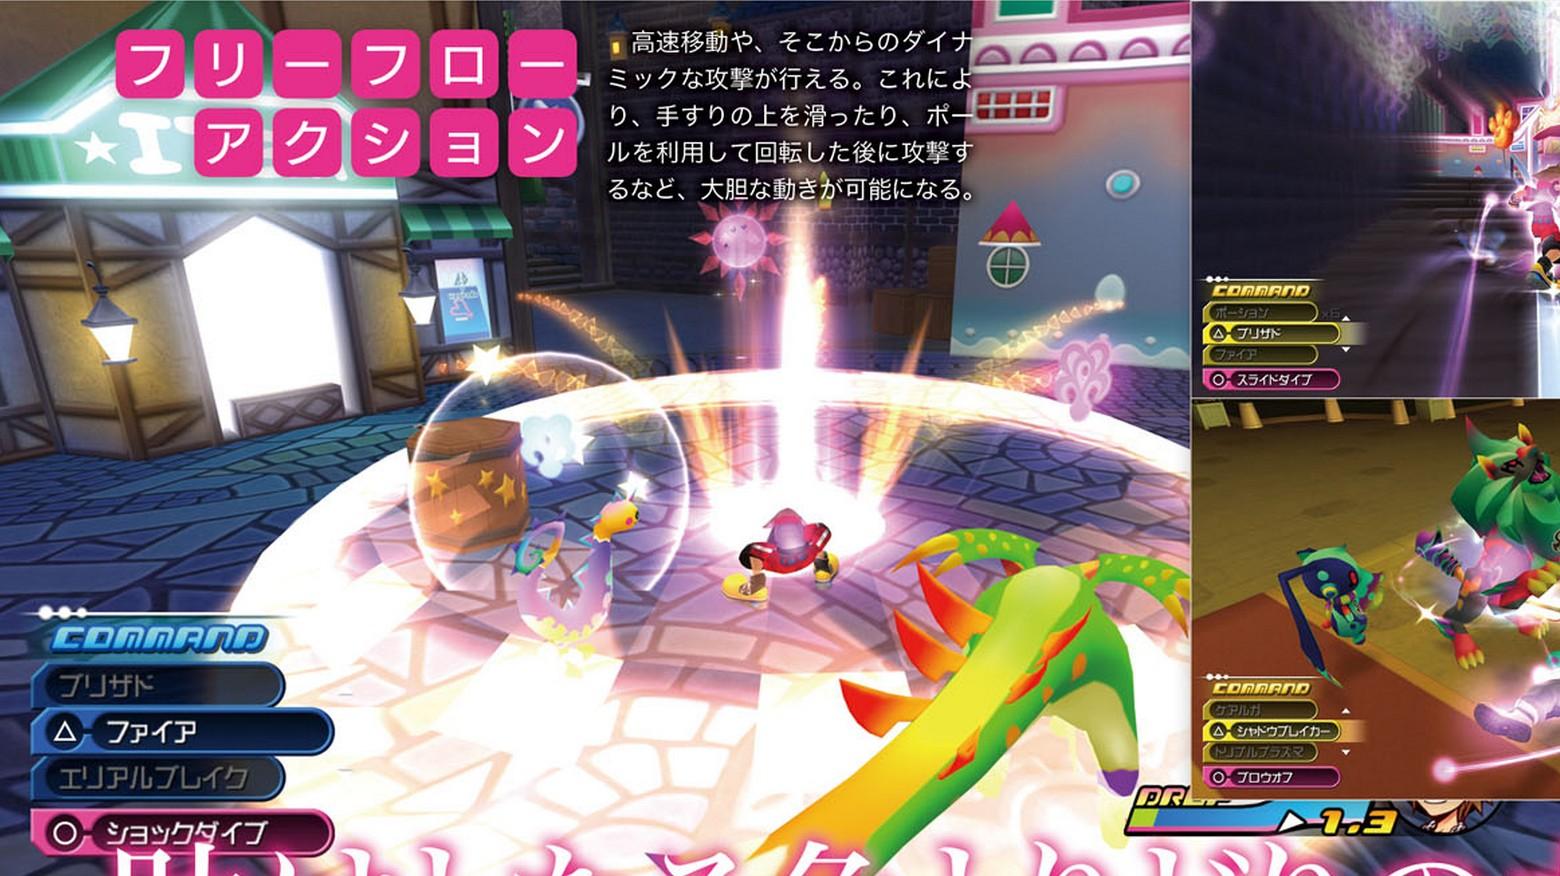 KingdomHearts2.8-FinalChapterPrologue PS4 Div 011